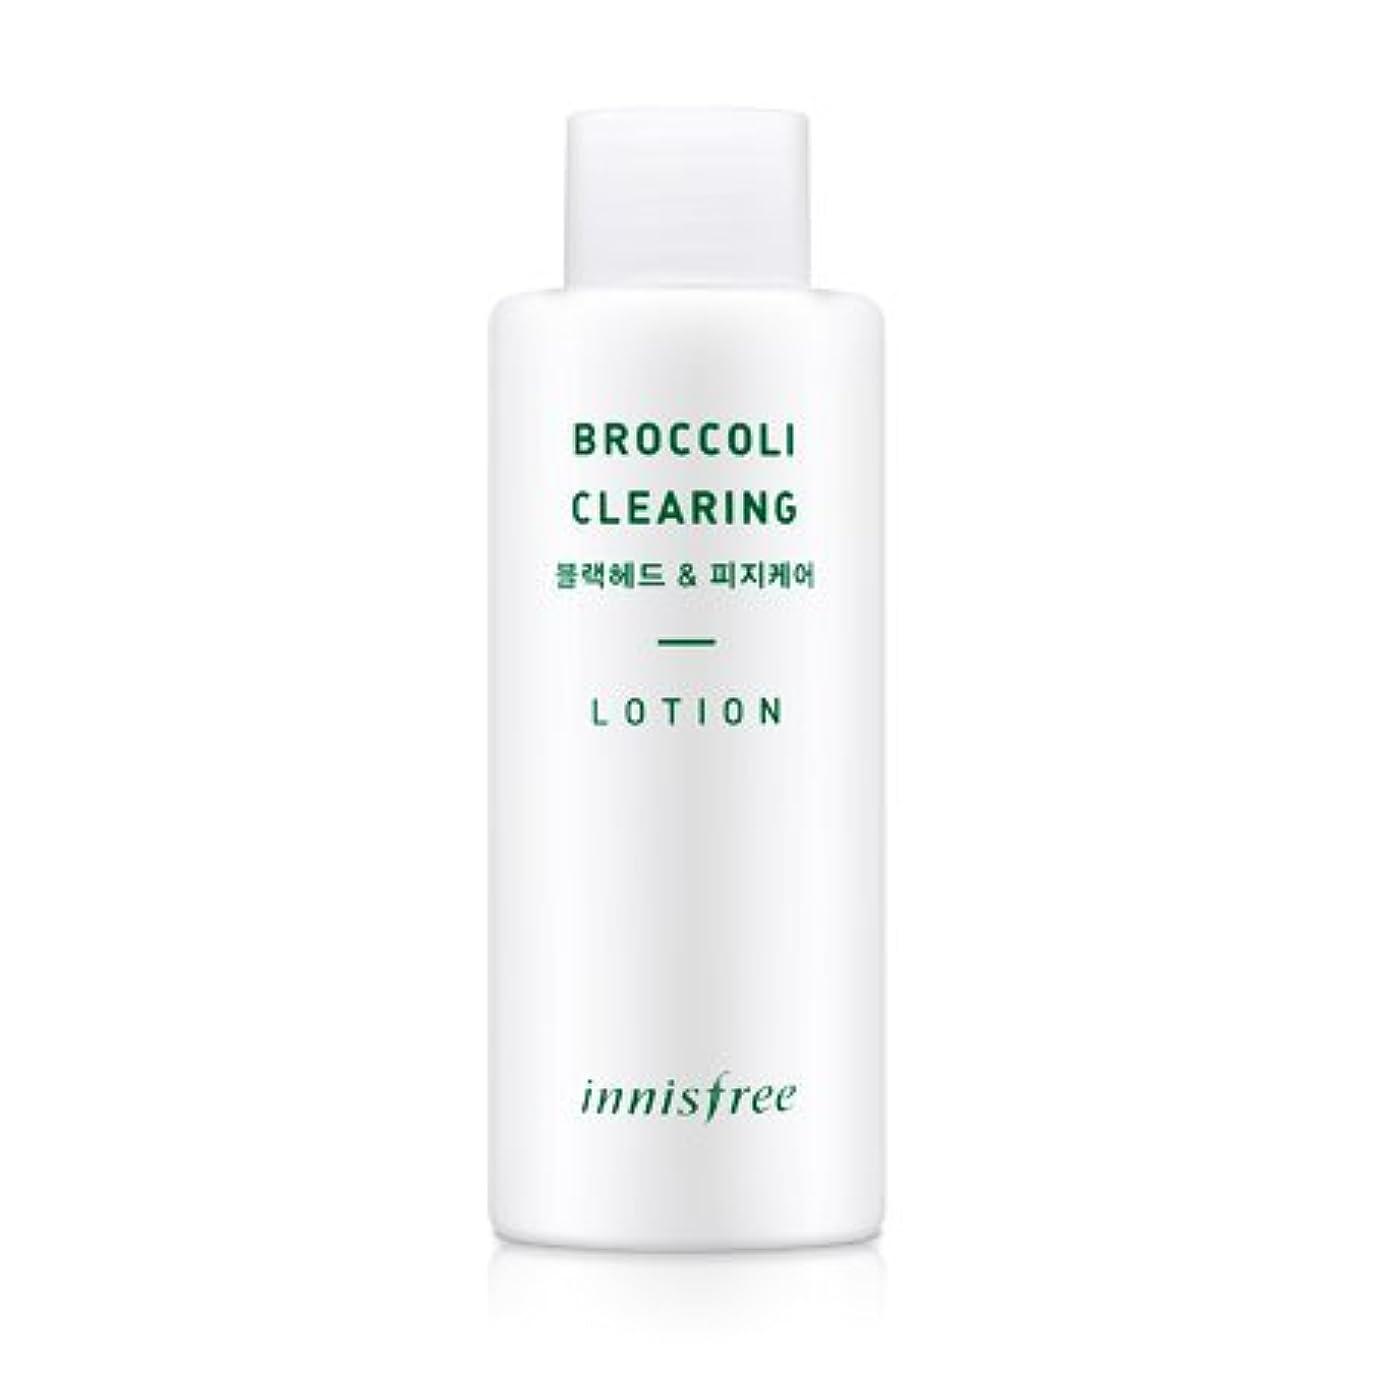 バナナリネン燃やす[innisfree(イニスフリー)] Super food_ Broccoli clearing lotion (130ml) スーパーフード_ブロッコリー クリアリング?ローション[並行輸入品][海外直送品]